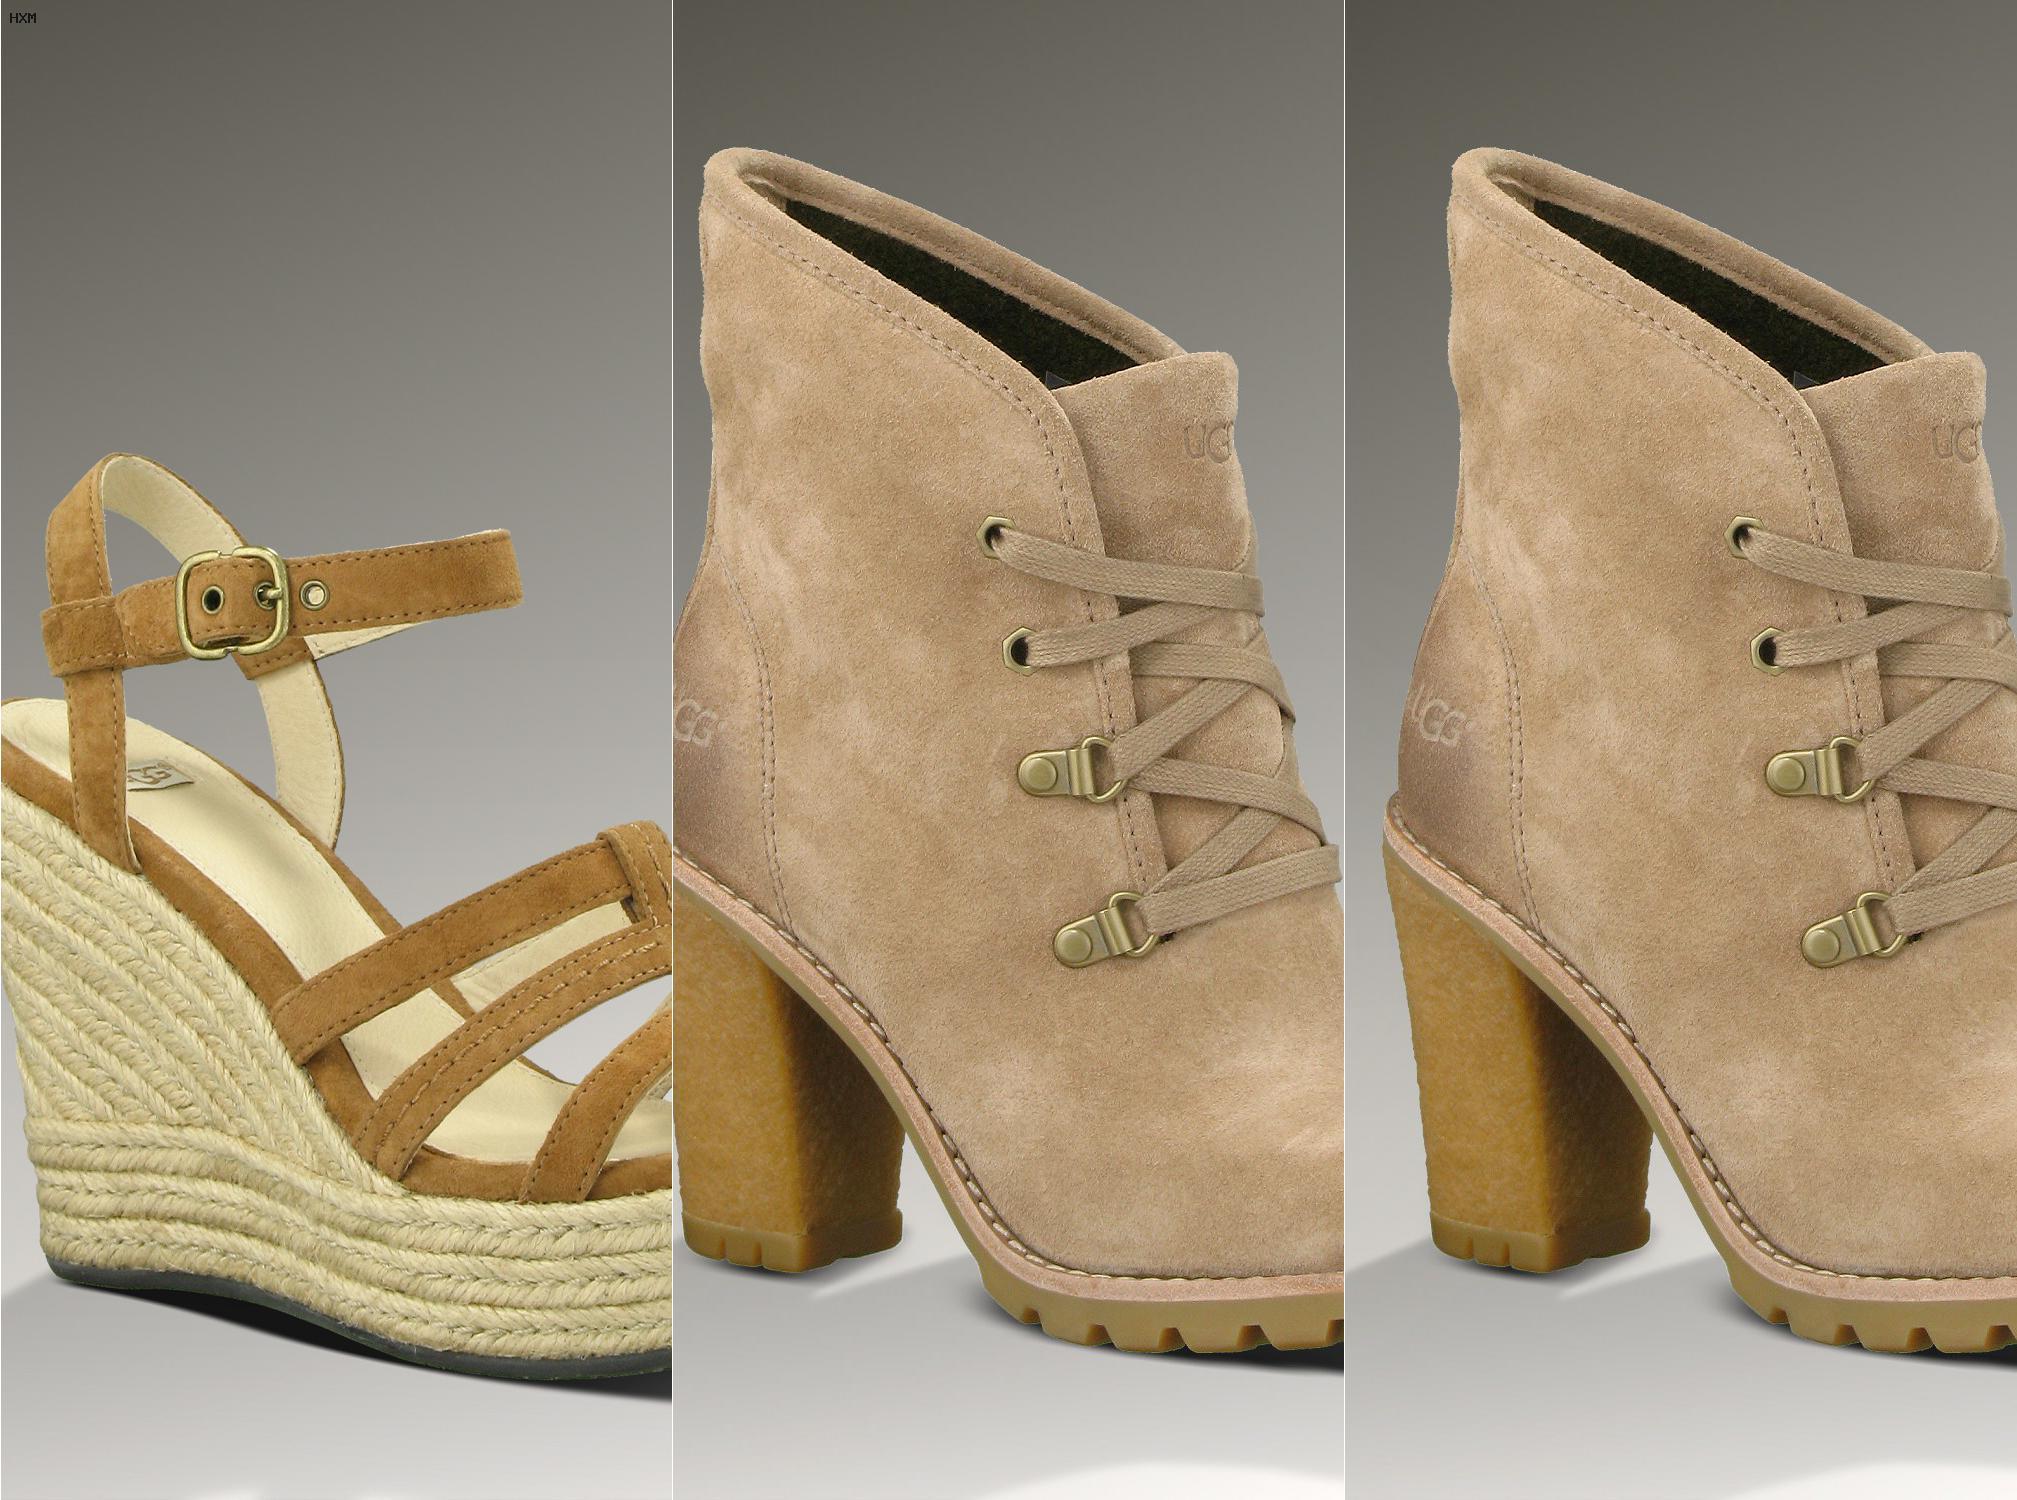 b48fbea71d ugg boots pailletten gold